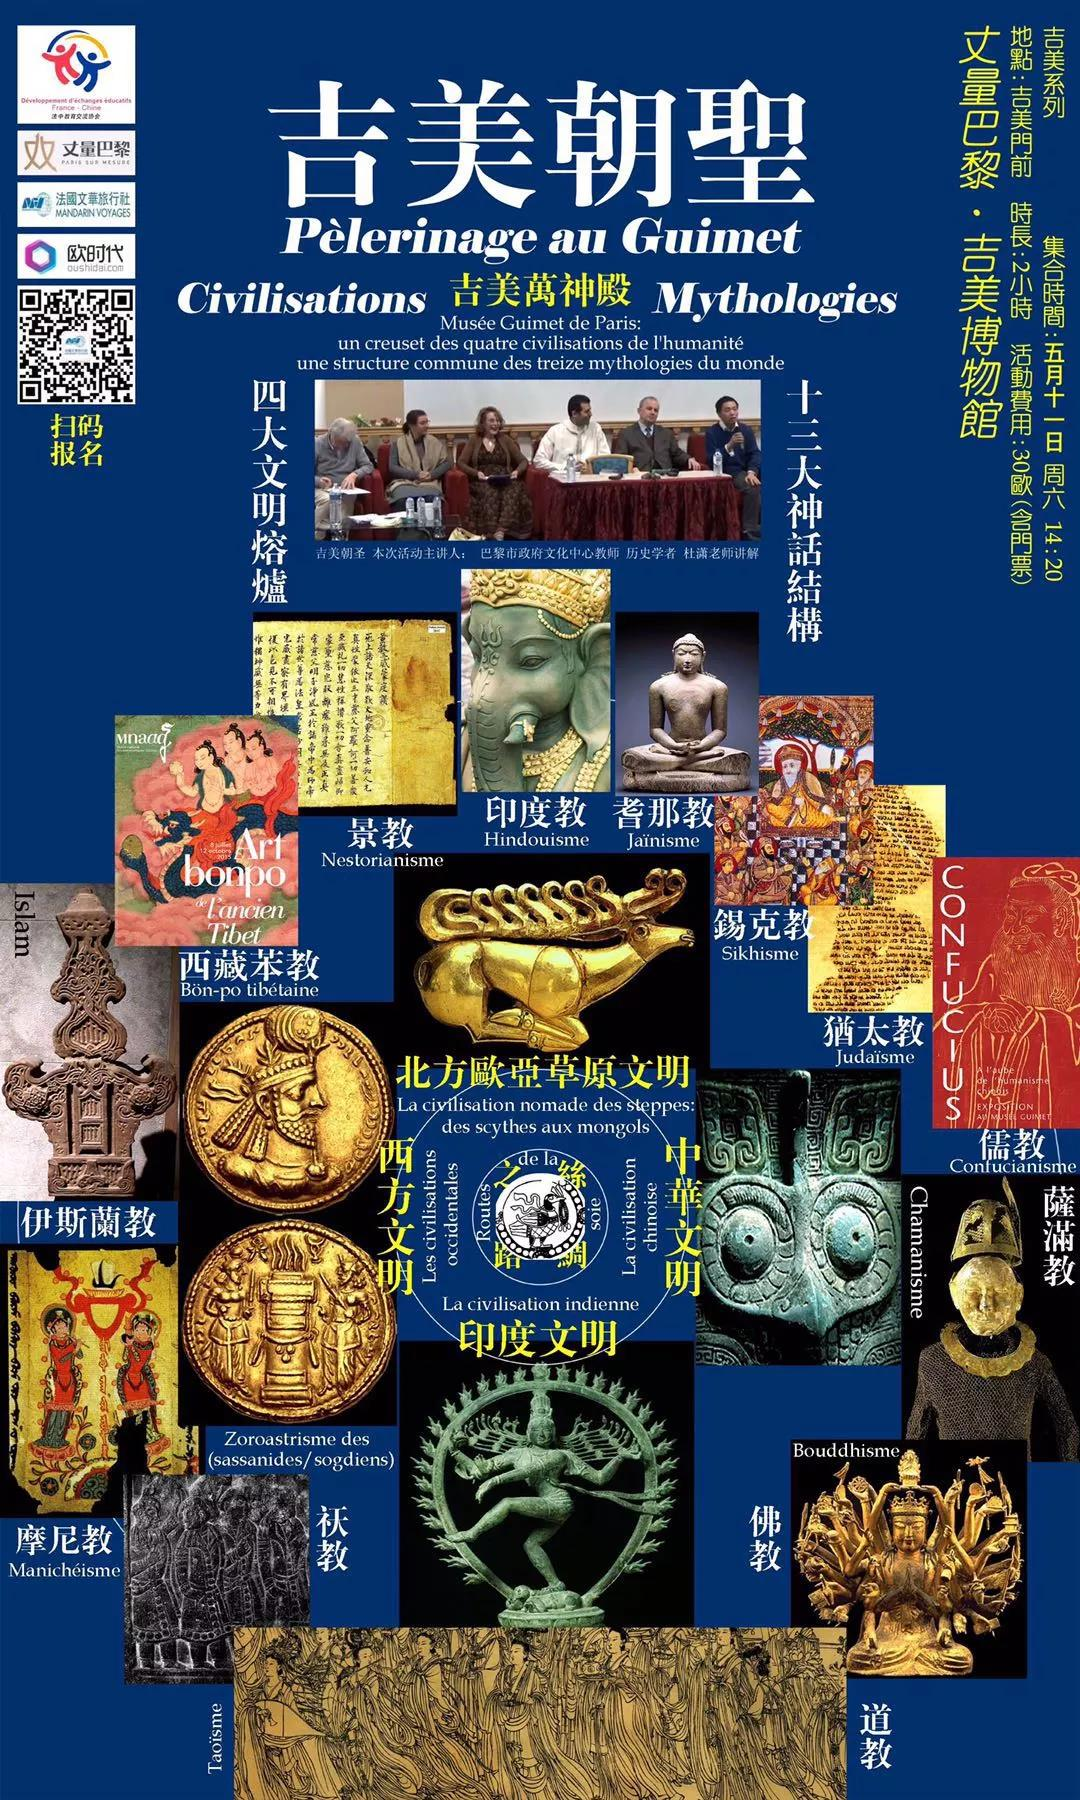 """张光直:""""中国的历史学(考古学)一向有孤芳自赏的传统,一方面,将中国历史问题的讨论,只限制在现代中国的地理境界范围之内;另一方面,又以为中国出土文物的意义,仅仅限于中国境内问题的解决……"""""""